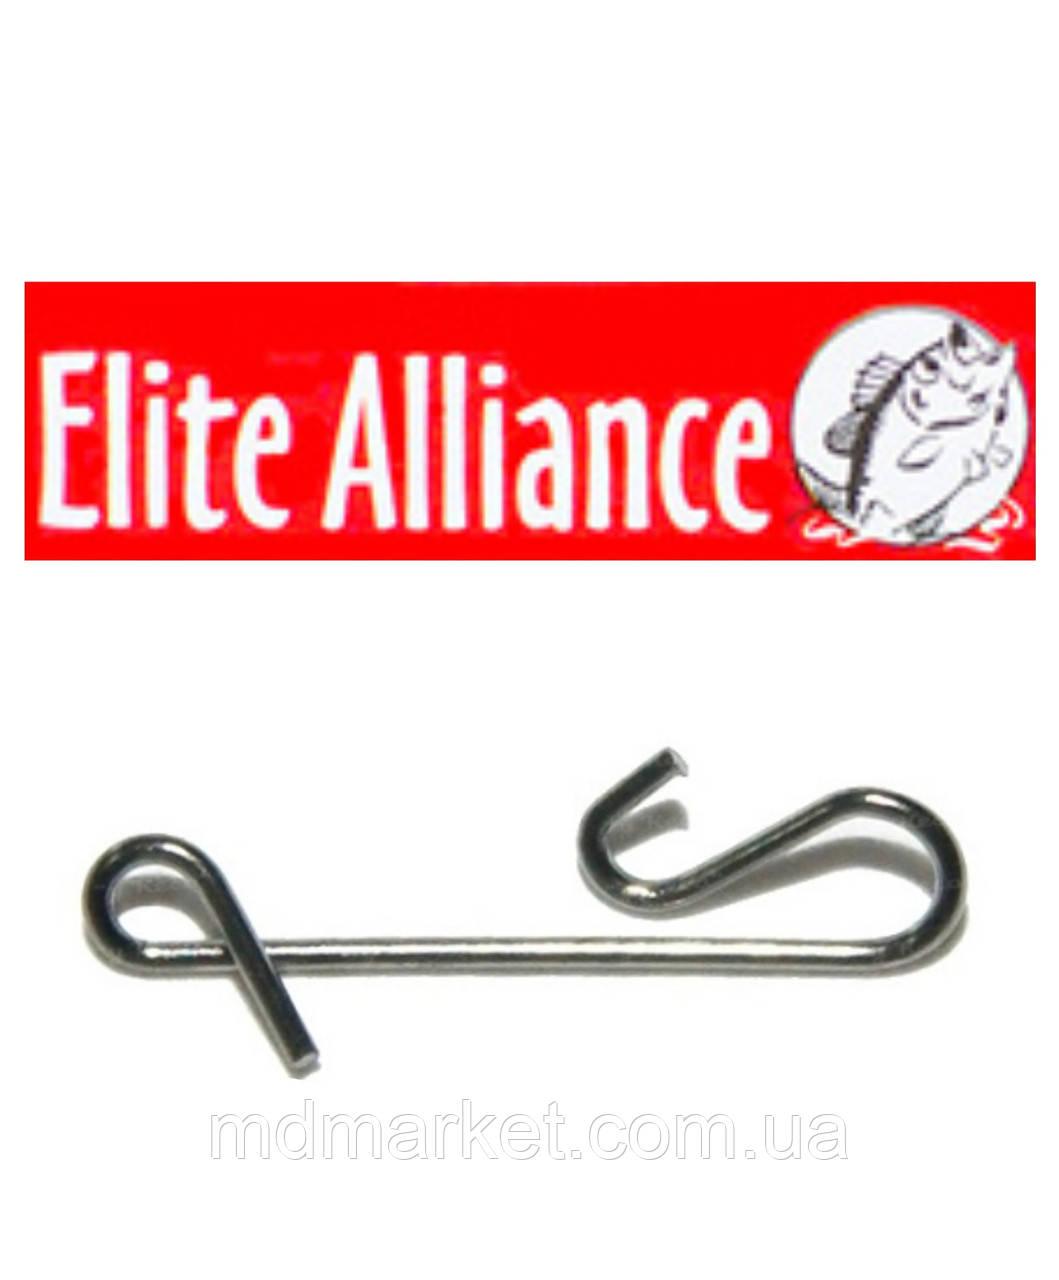 Безузловка Elite Alliance 10шт.